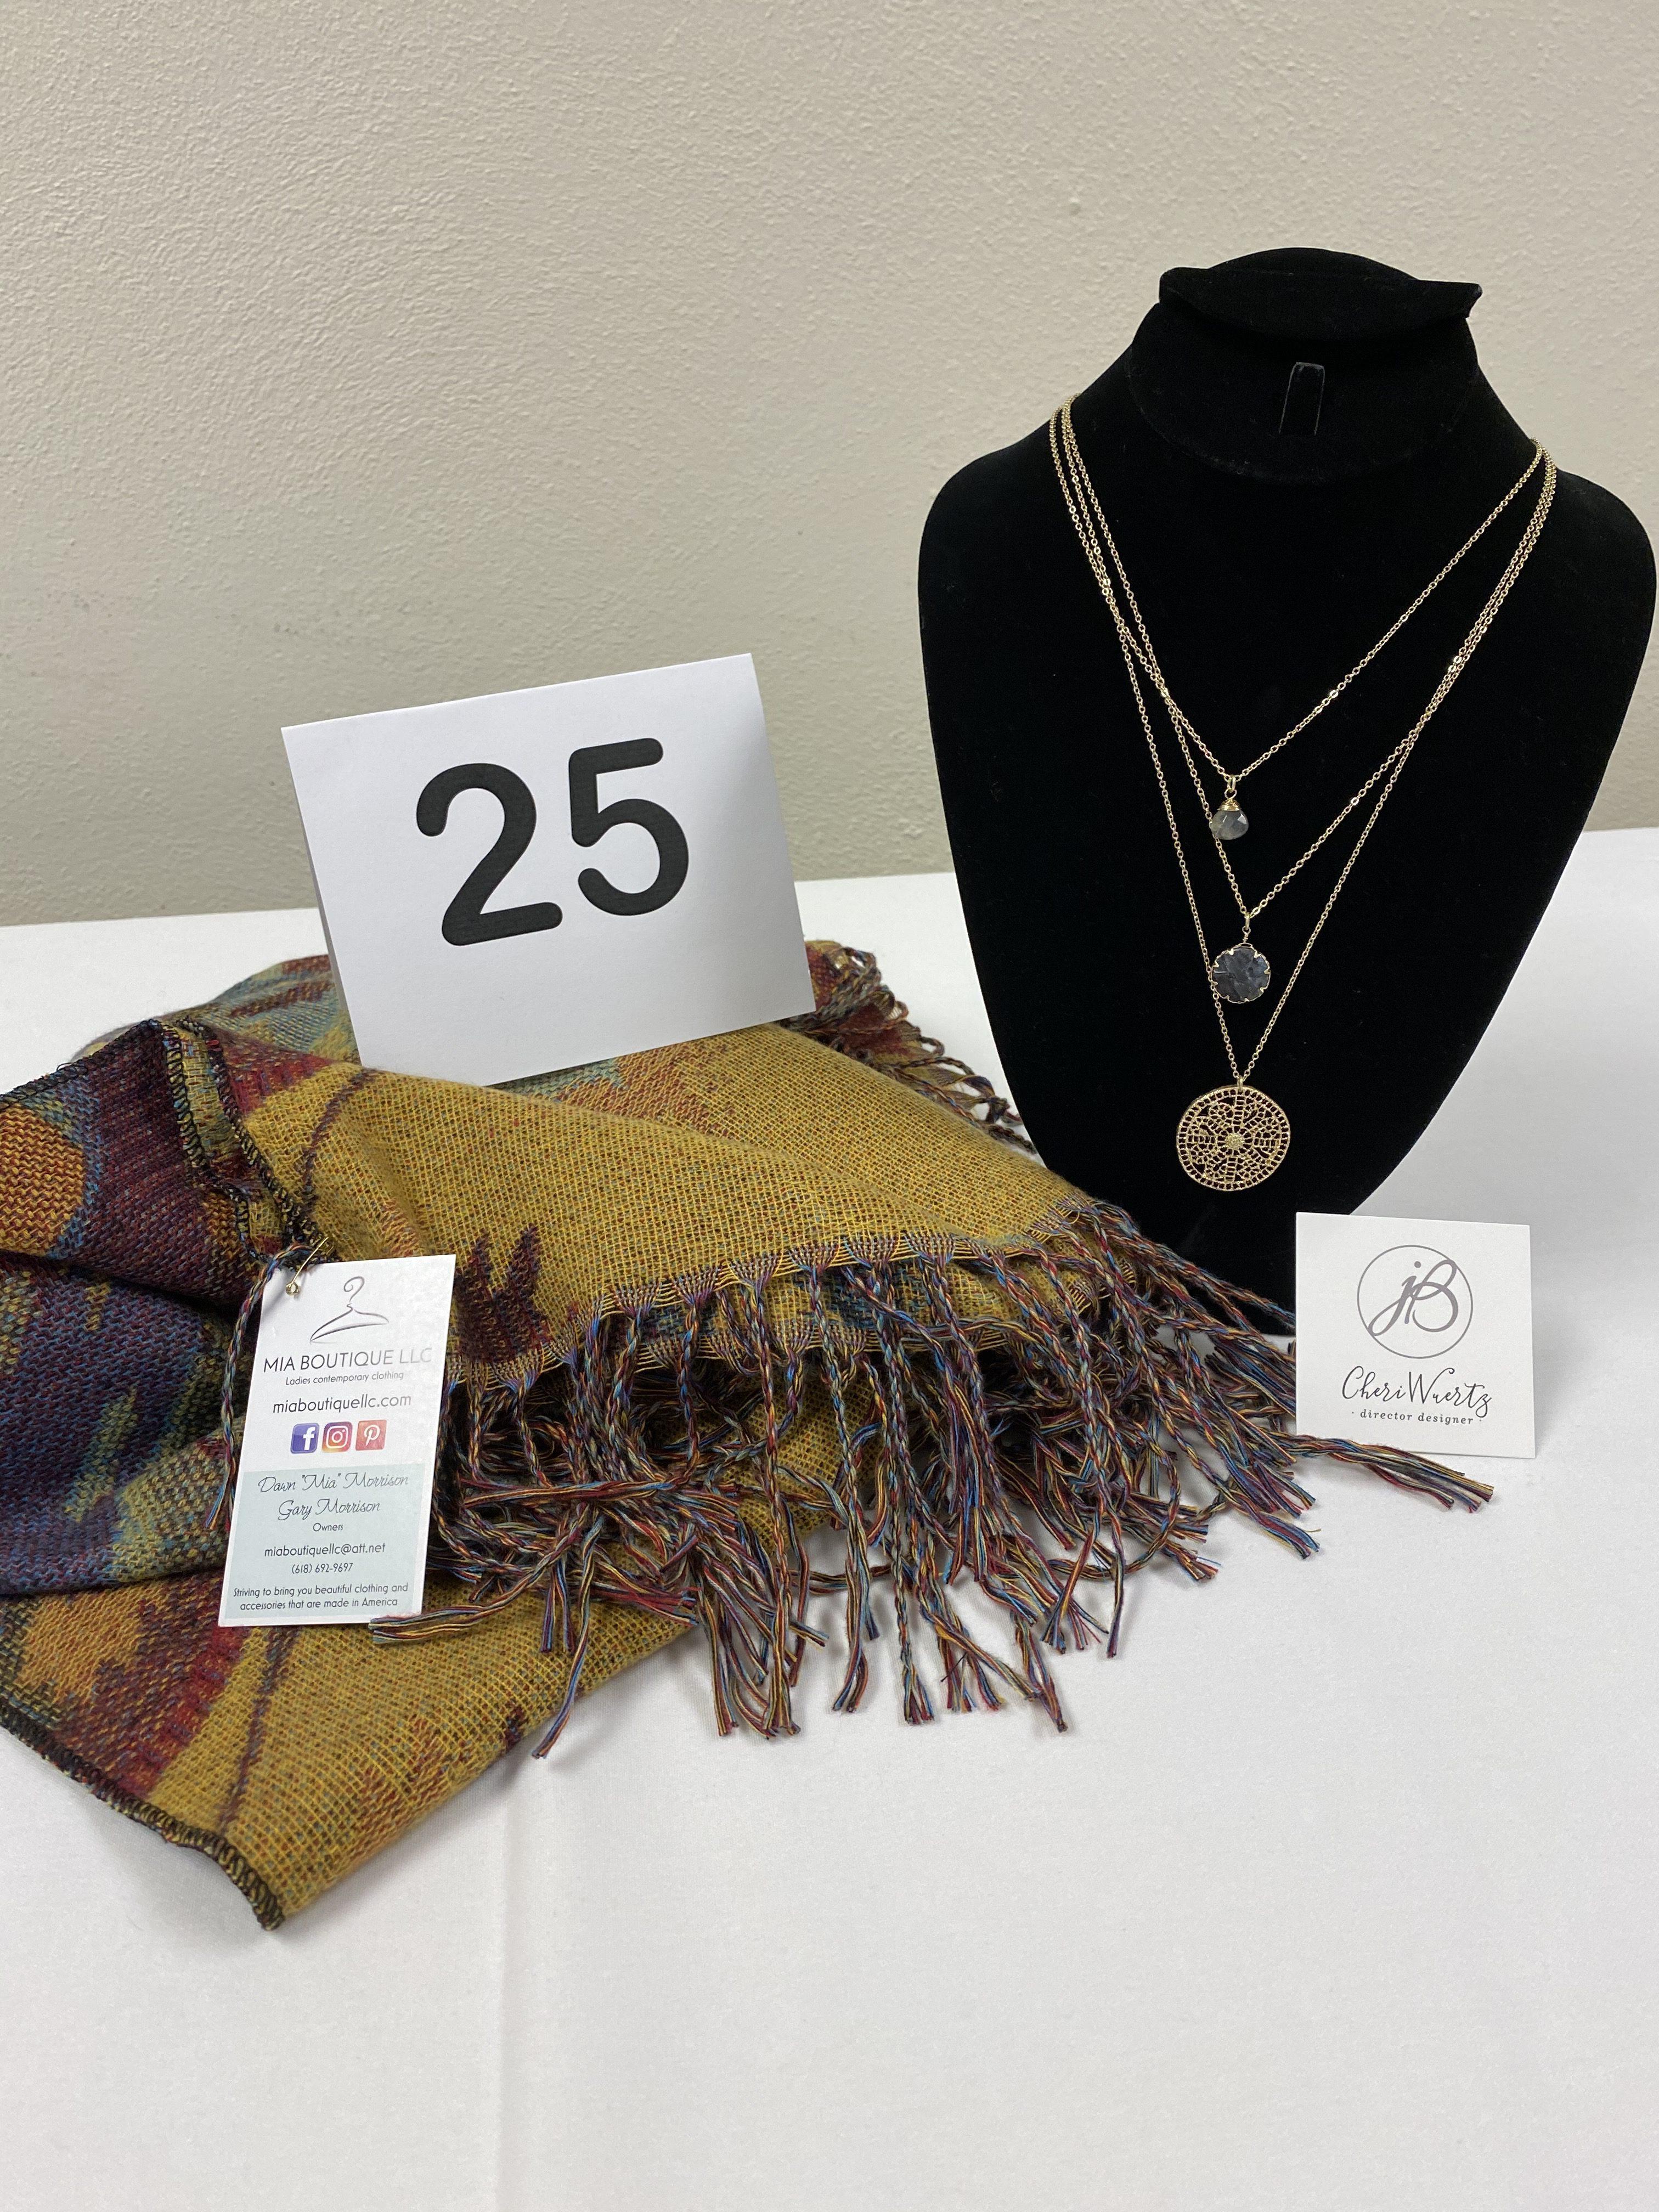 item 25